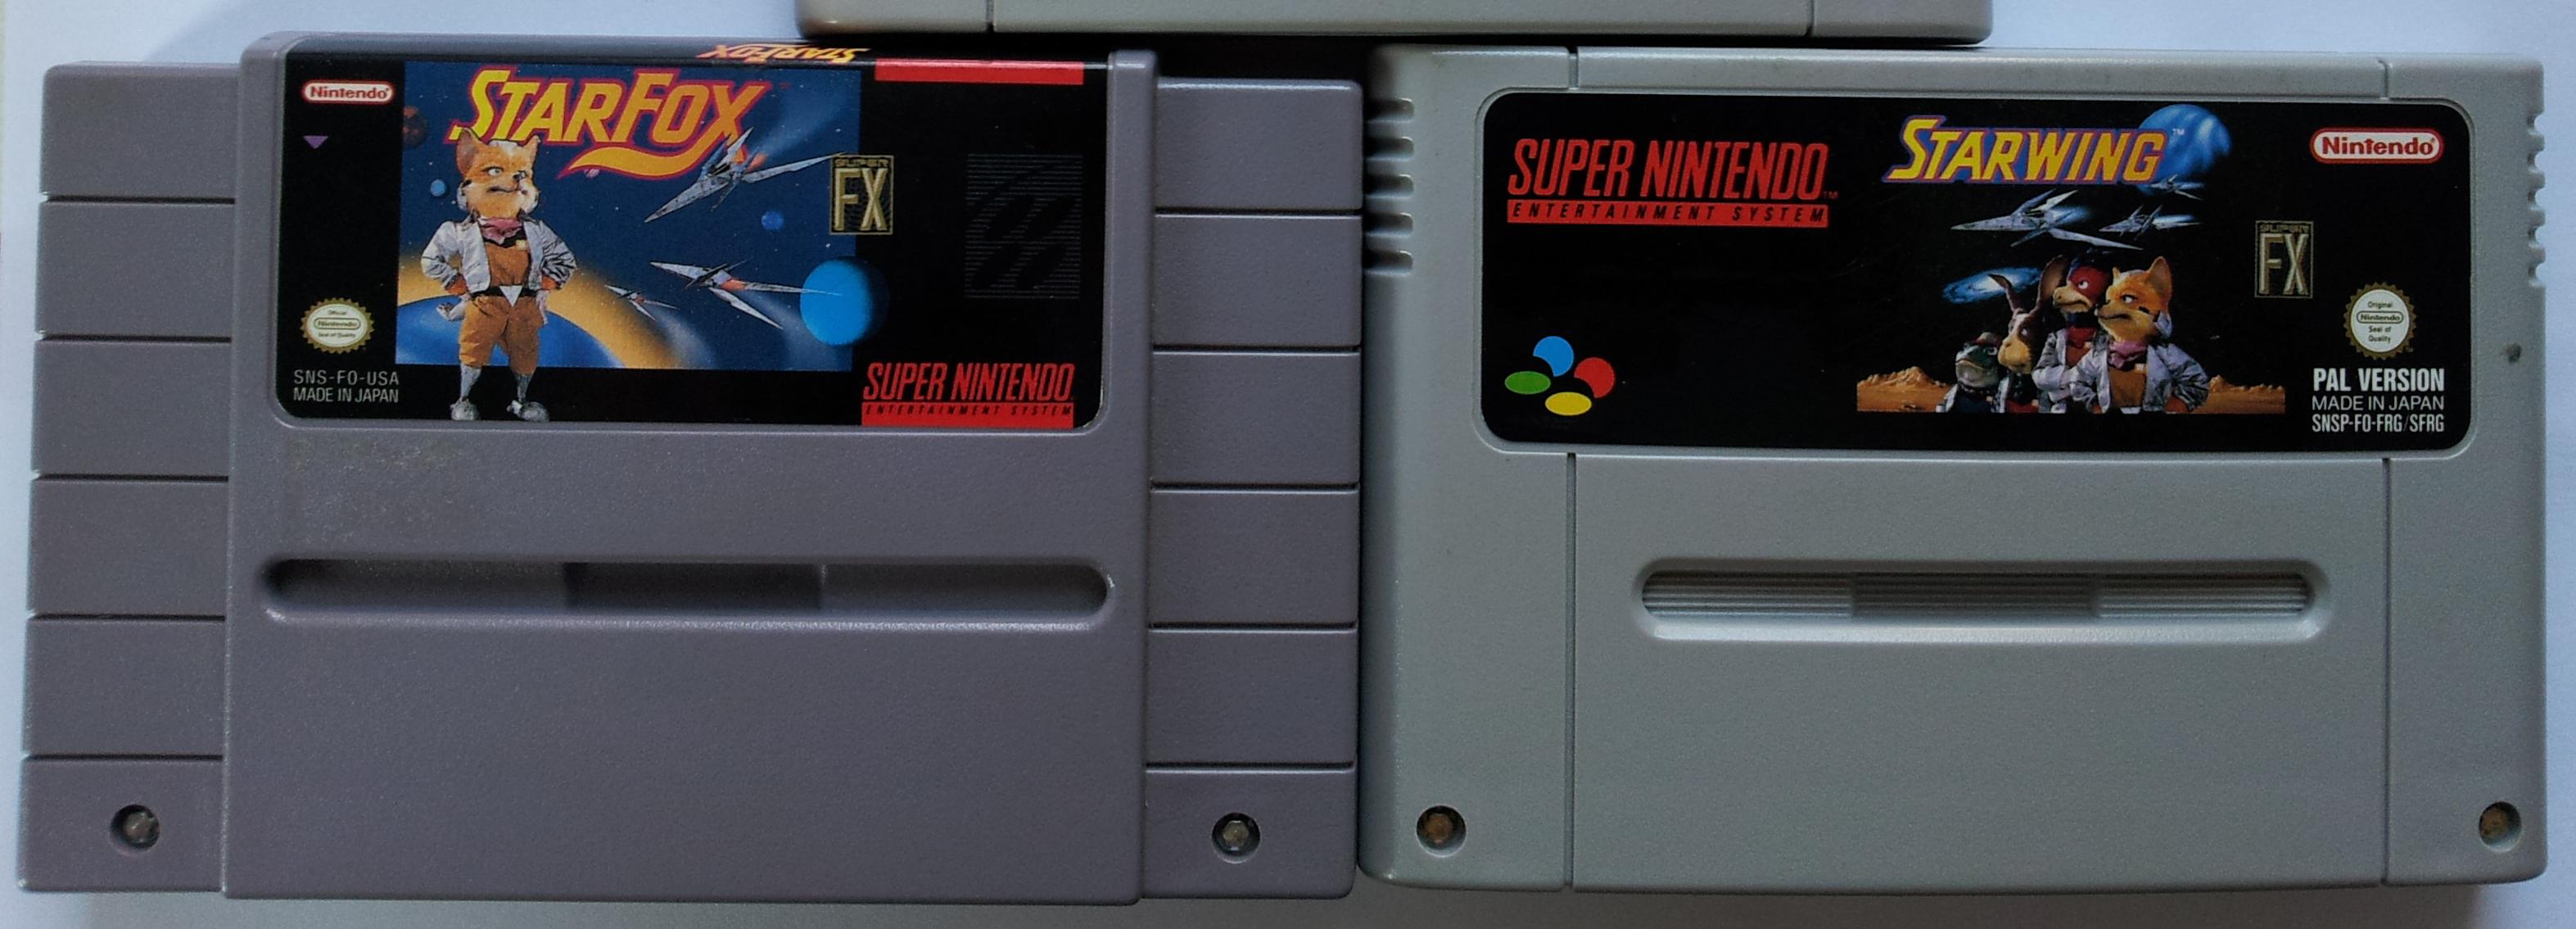 """Zwei Super NES-Module, eines (US-Cartridge) mit """"Star Fox""""-, eines (PAL-Cartridge) mit """"Starwing""""-Logo."""